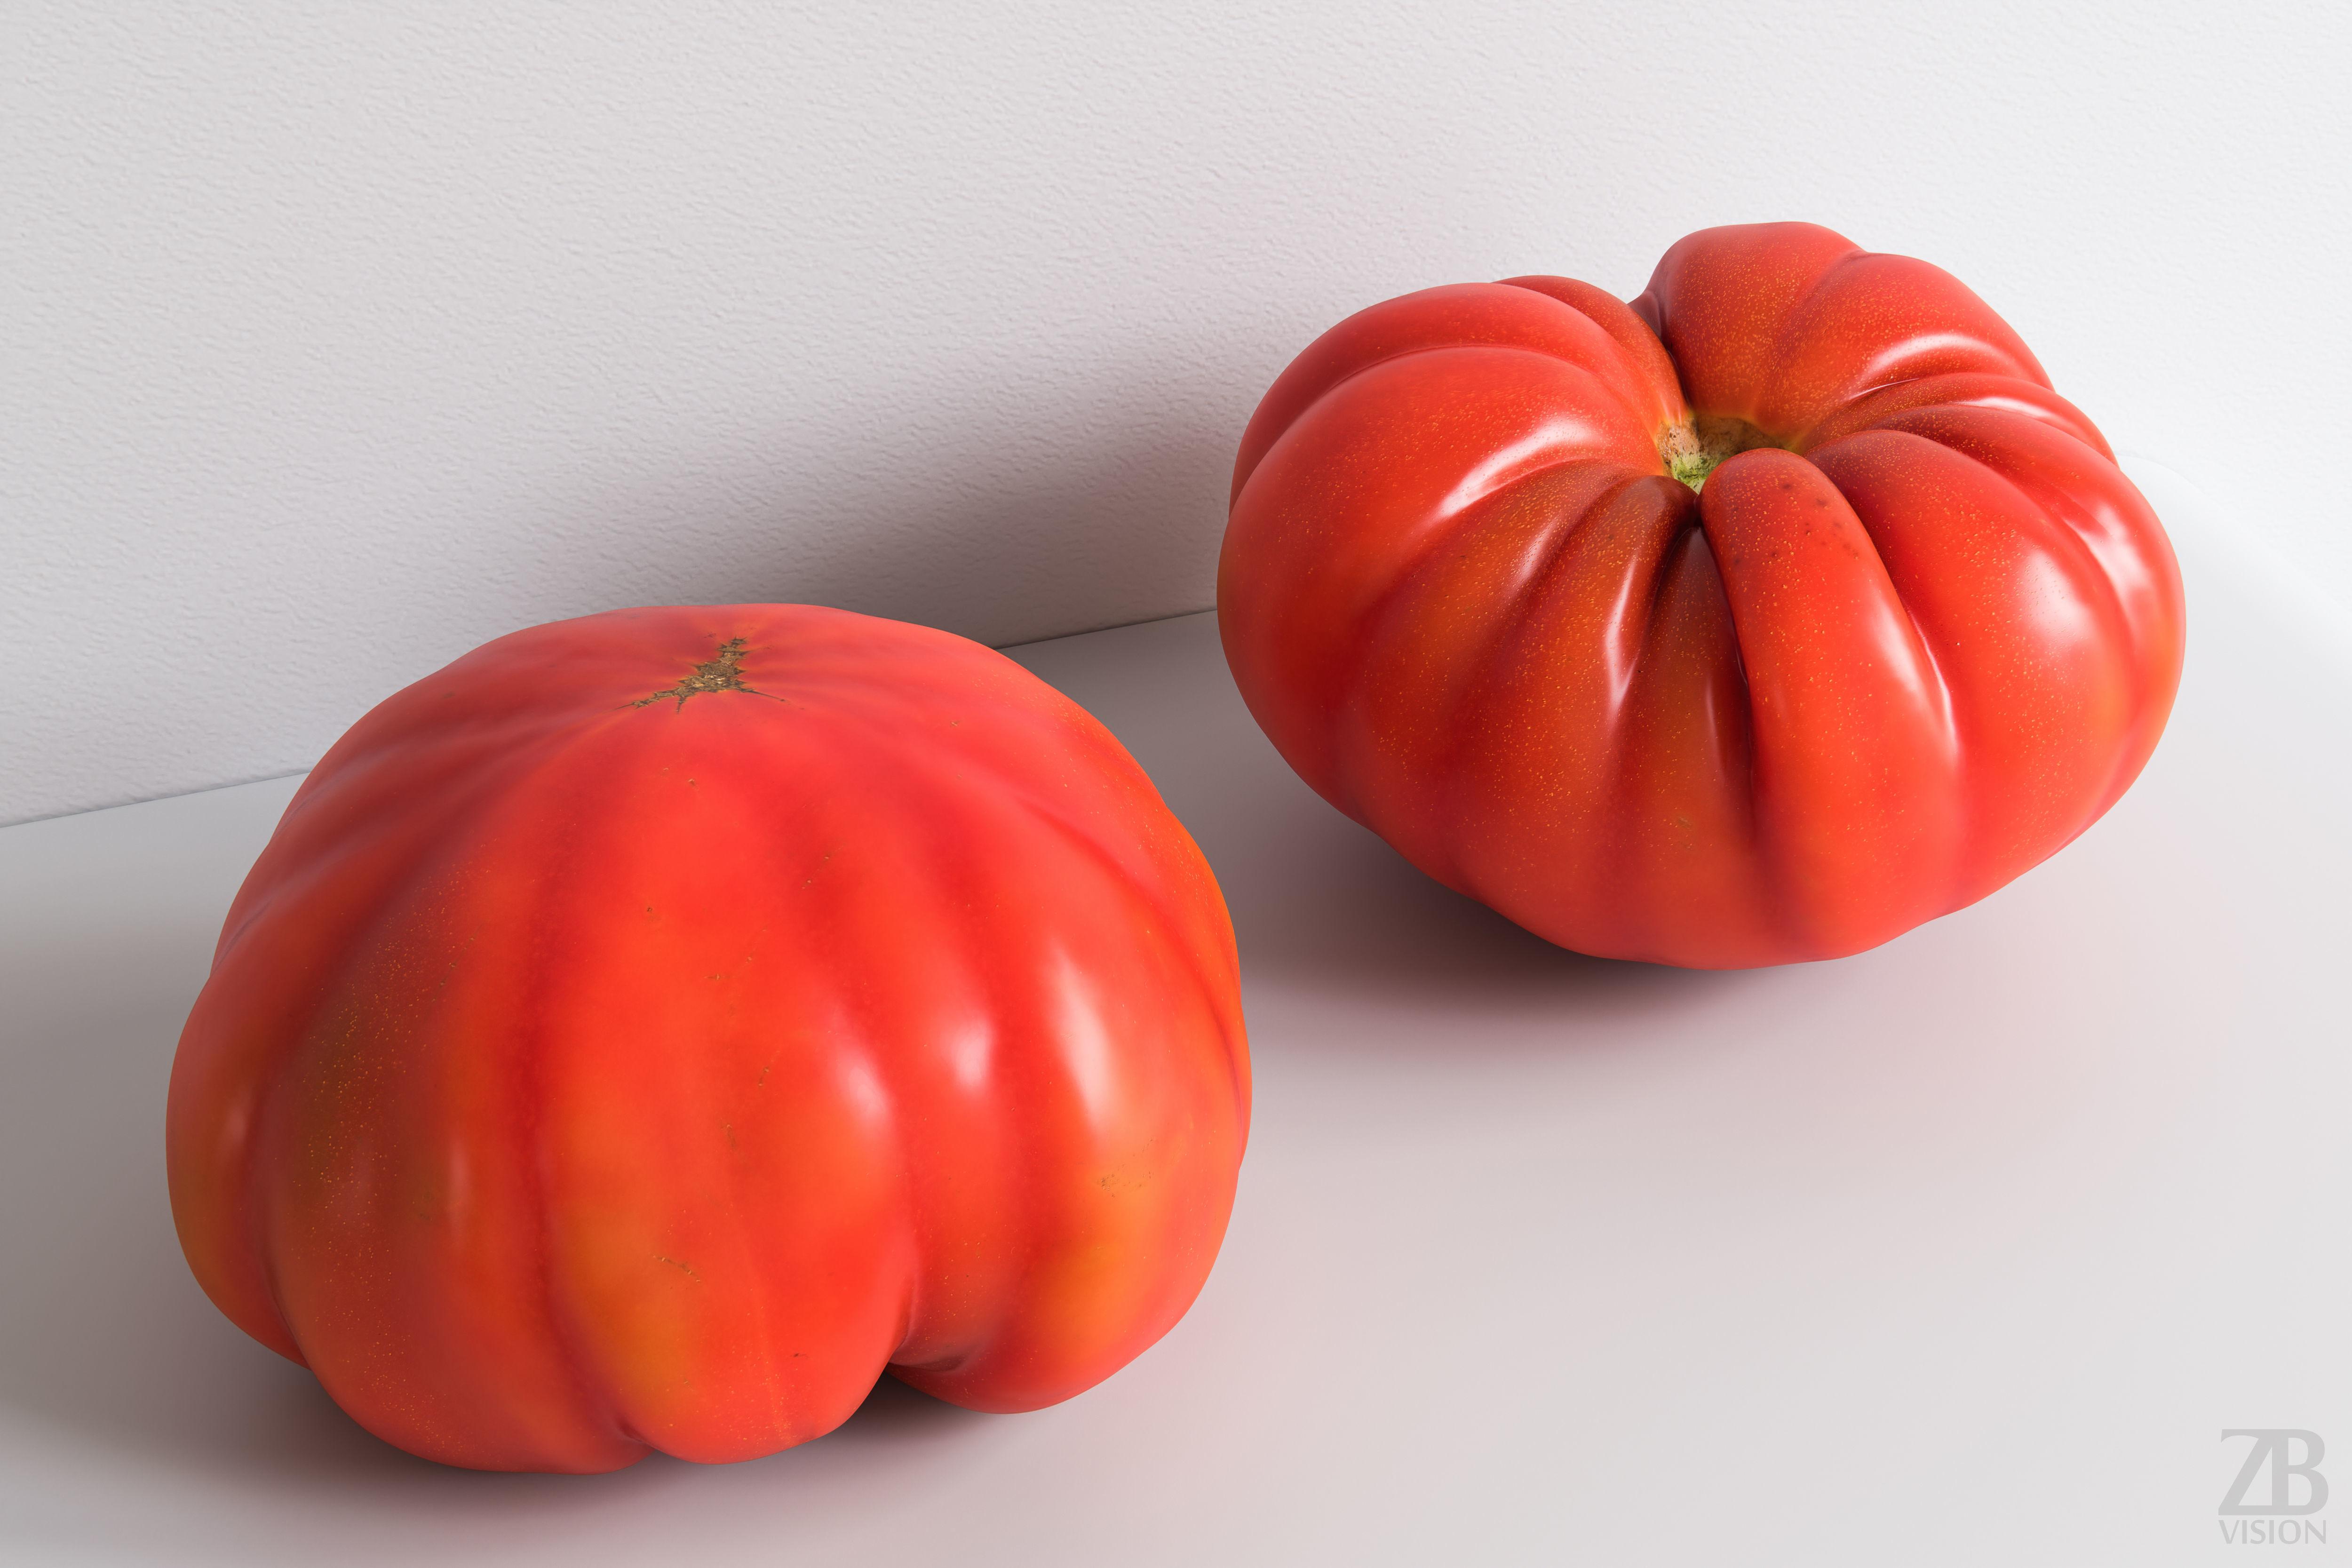 Tomato 012